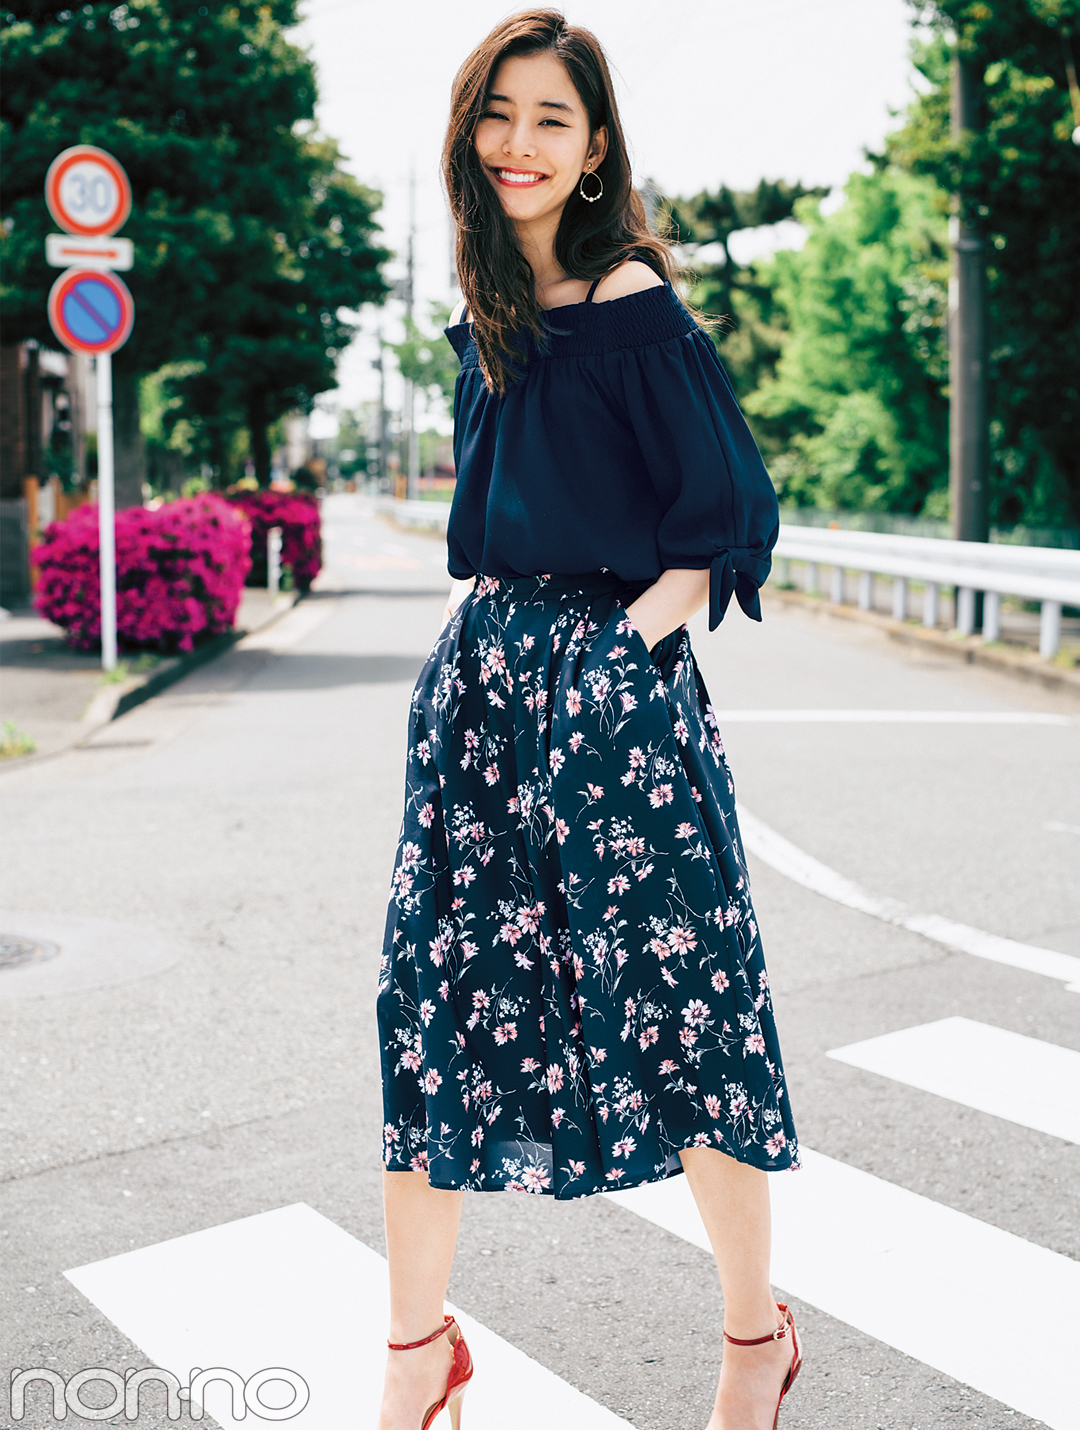 濃い色花柄スカートで、大人っぽくスタイルUPしたいときのポイントは?_1_4